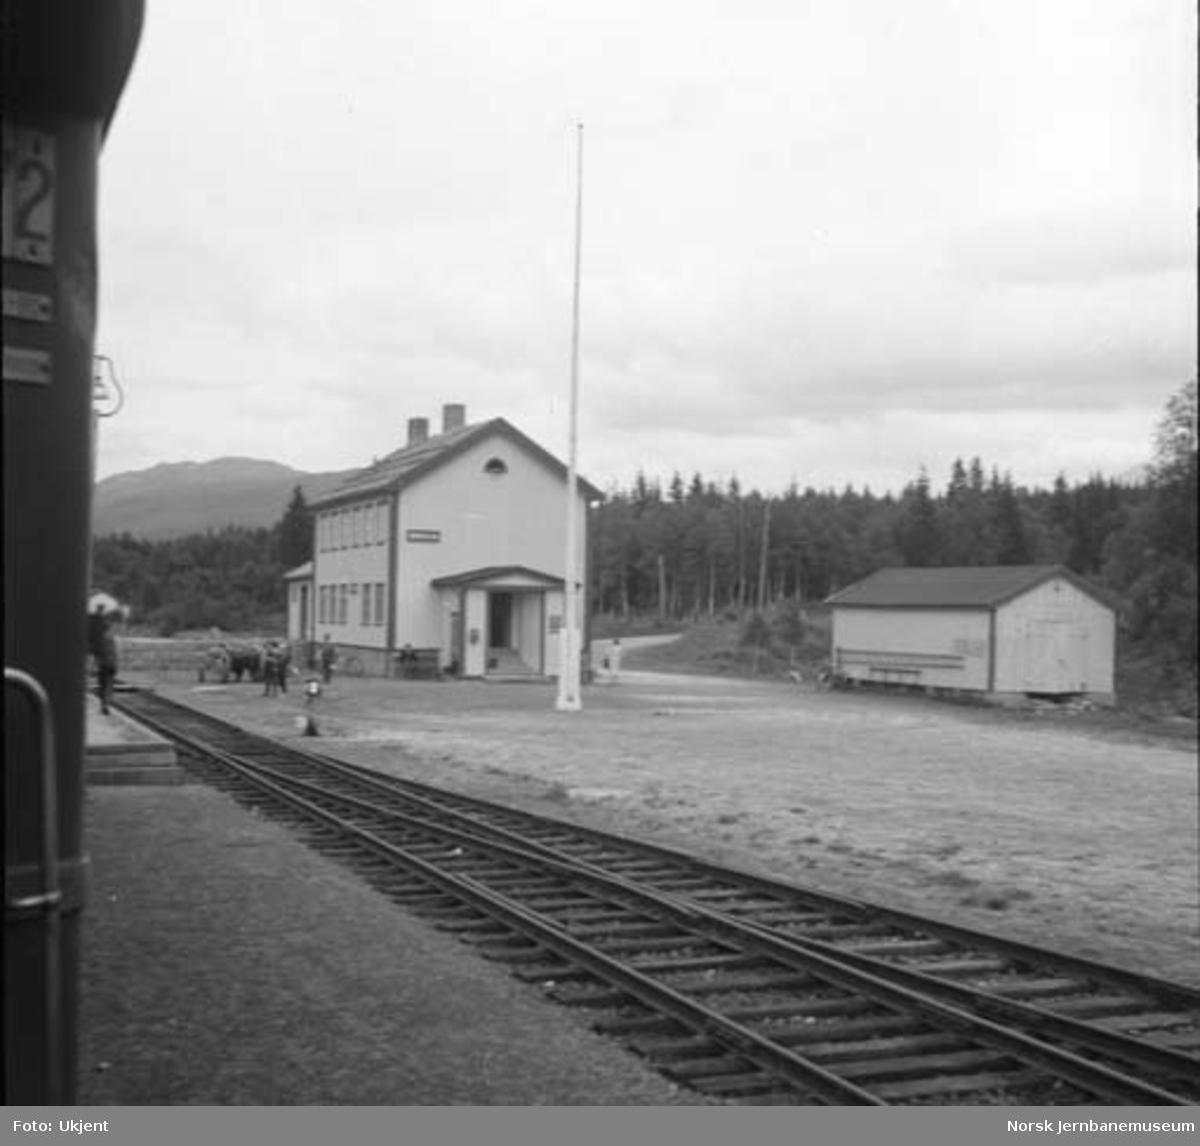 Drevja stasjon